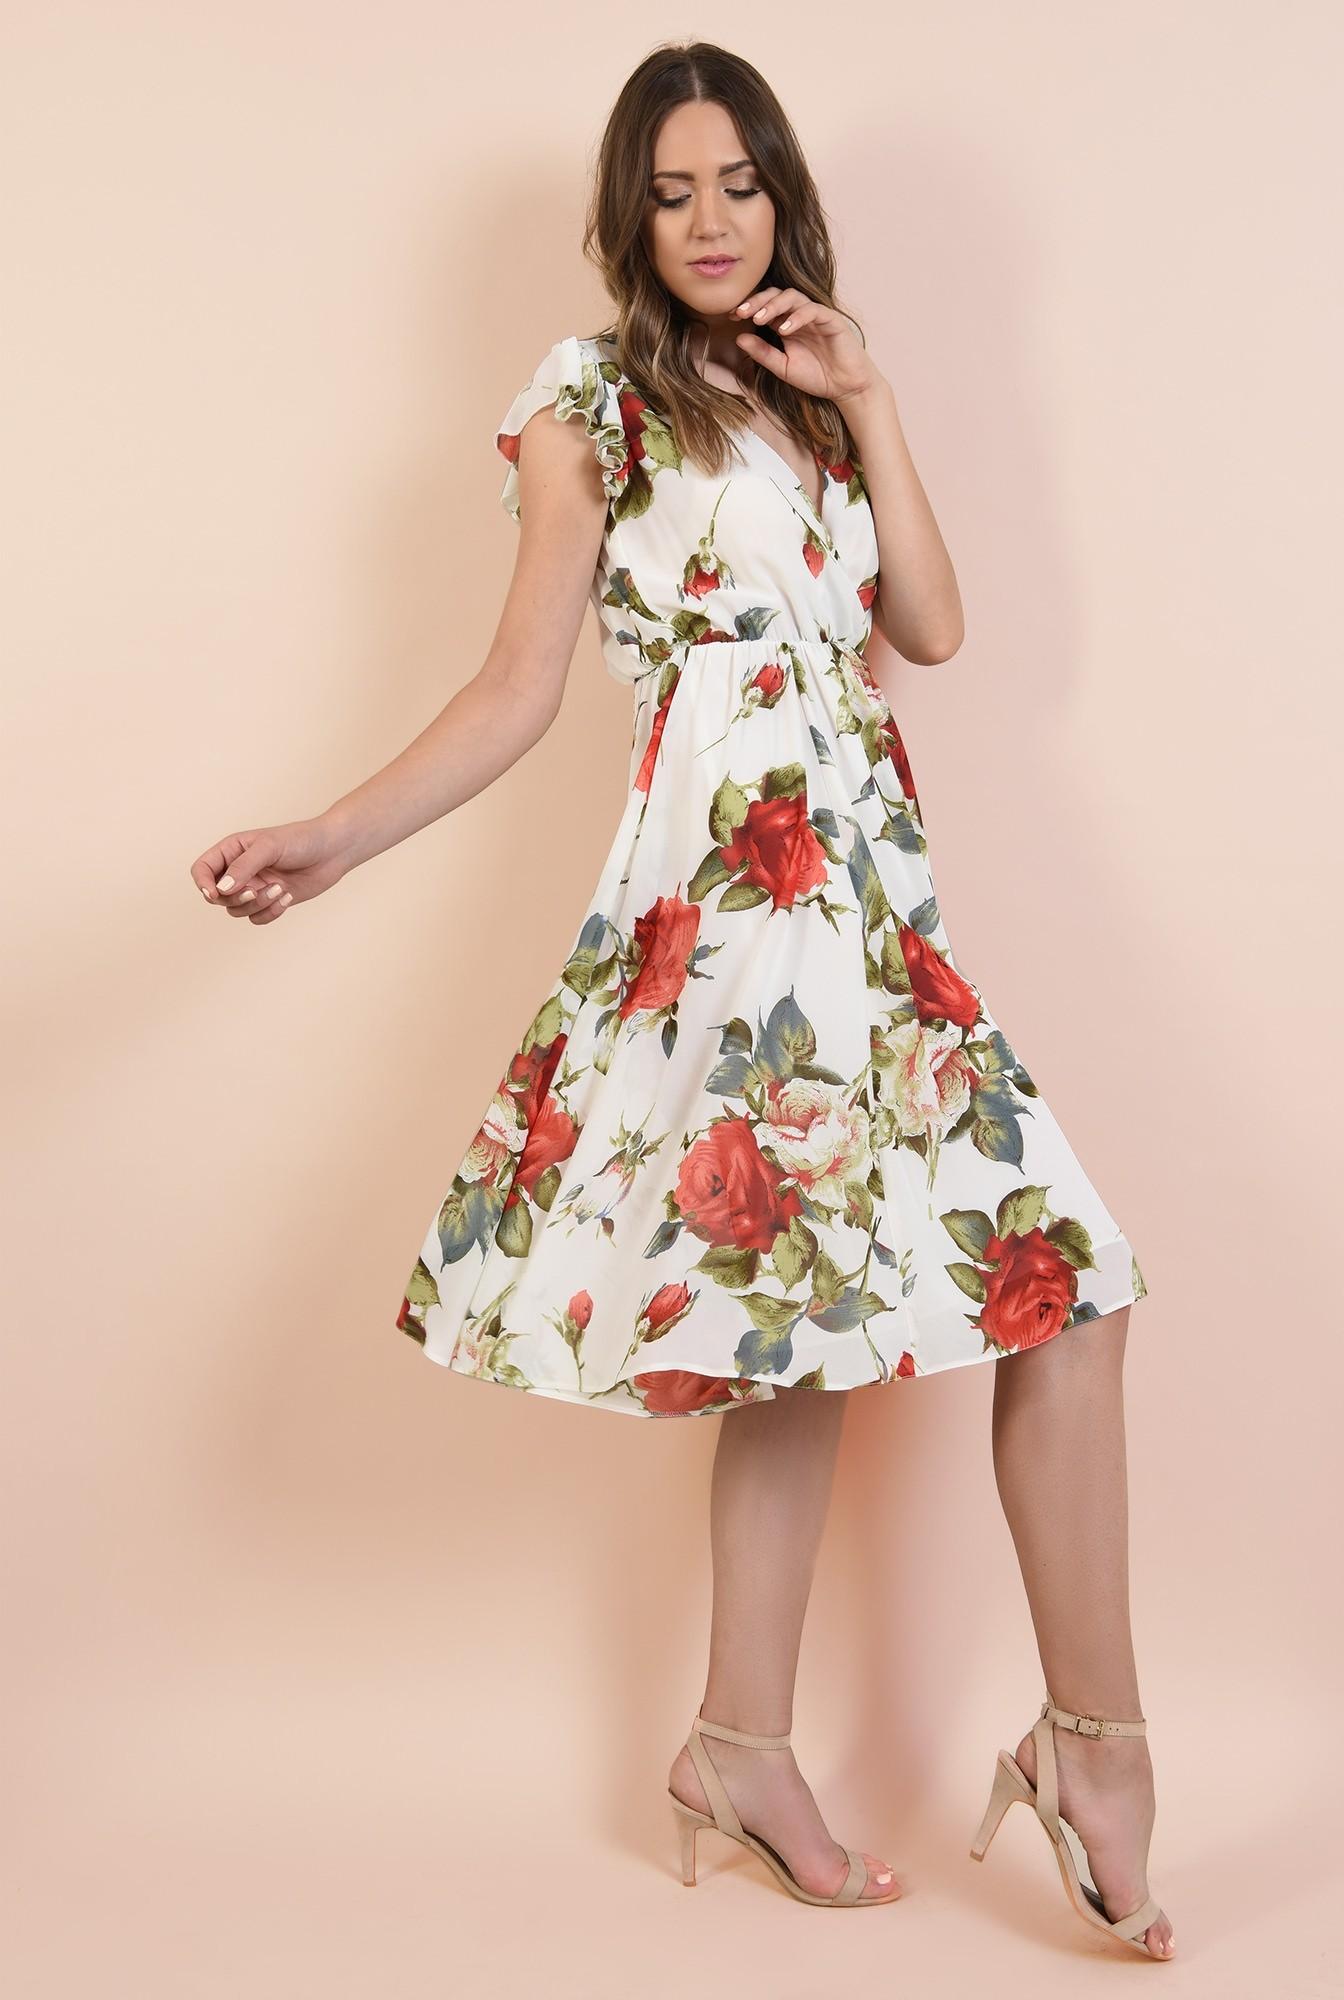 0 - rochie cu flori, de vara, midi, clos, elastic la talie, maneci tip volan